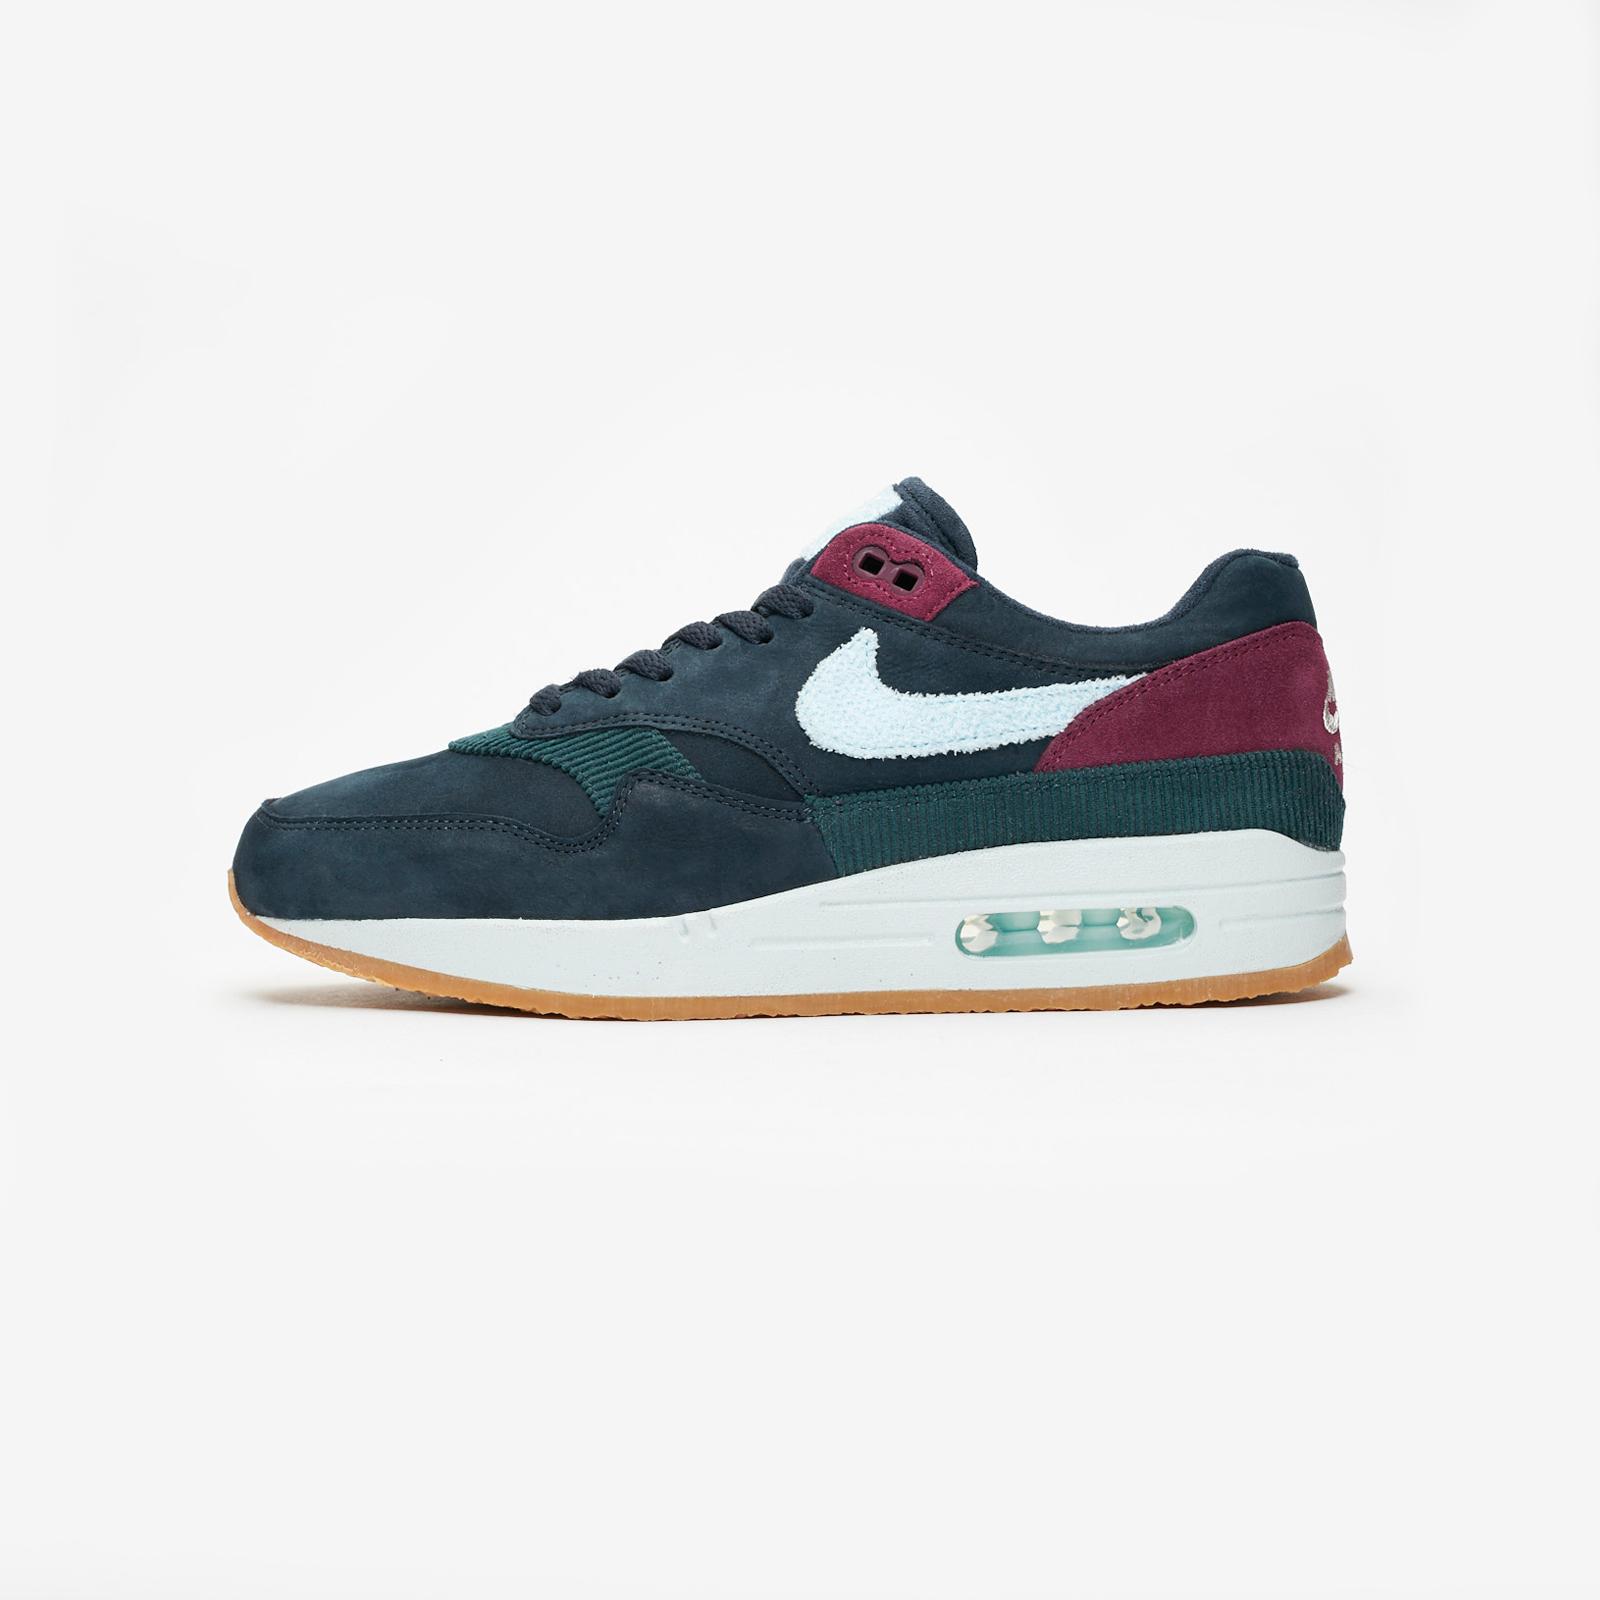 reputable site f778c ee457 Nike Air Max 1 - Cd7861-400 - Sneakersnstuff   sneakers   streetwear online  since 1999